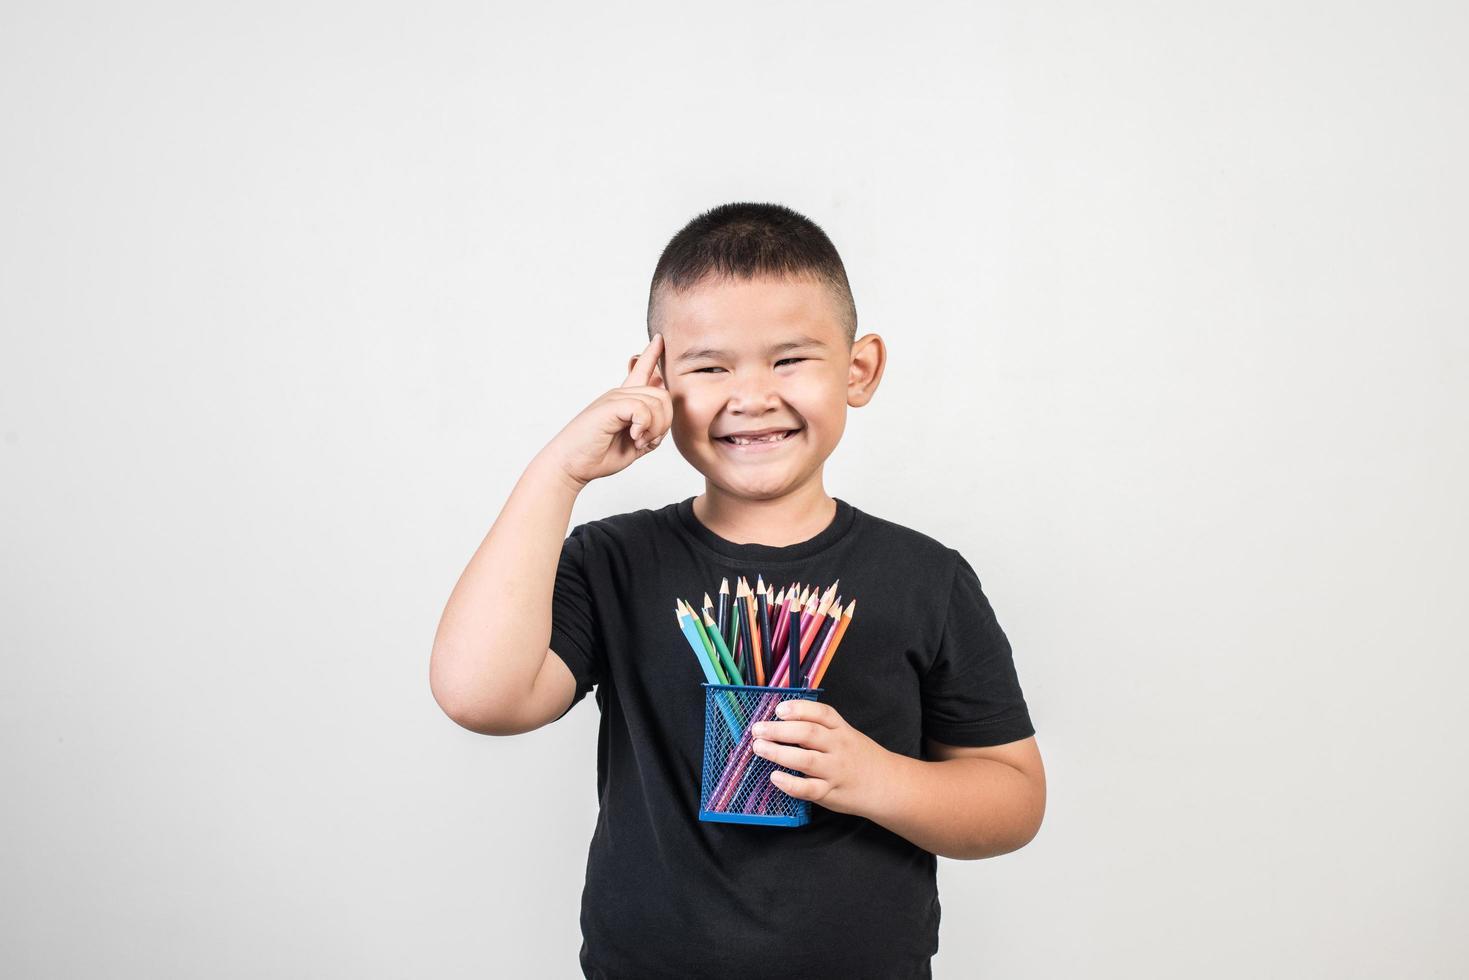 Educatoin boy smiling in studio shot. photo